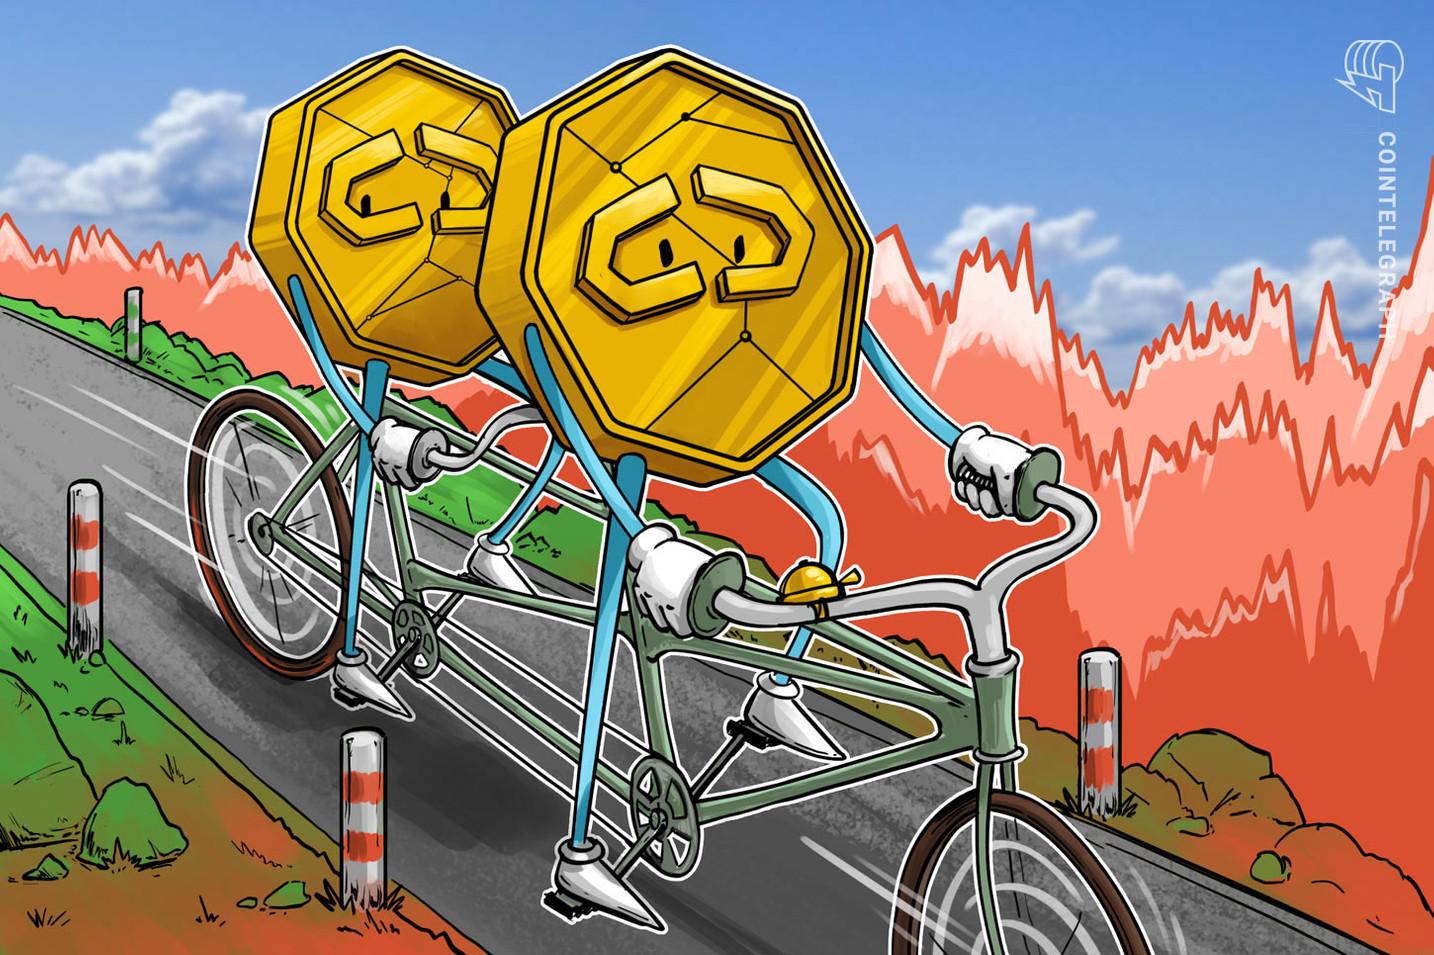 Crollo dei mercati delle criptovalute: perdite a doppia cifra per molte monete